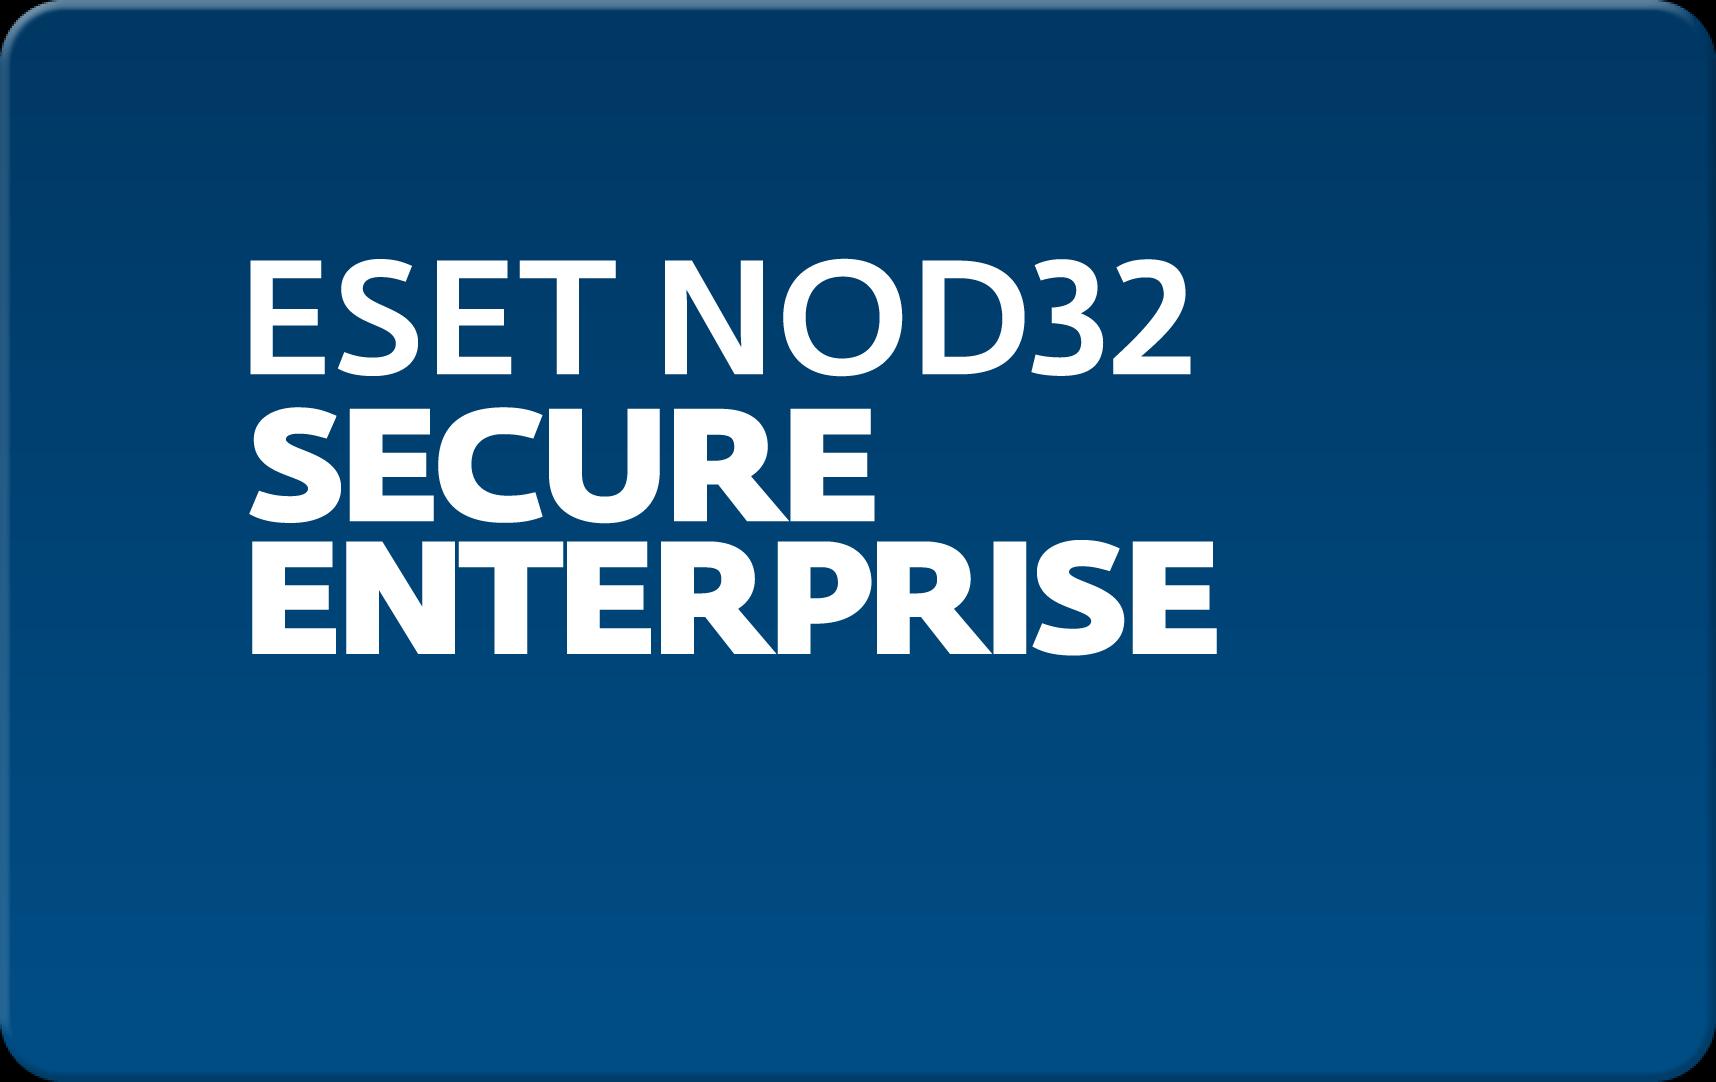 Кроссплатформенная антивирусная защита всех узлов корпоративной сети Eset NOD32 Secure Enterprise  для 32 пользователей